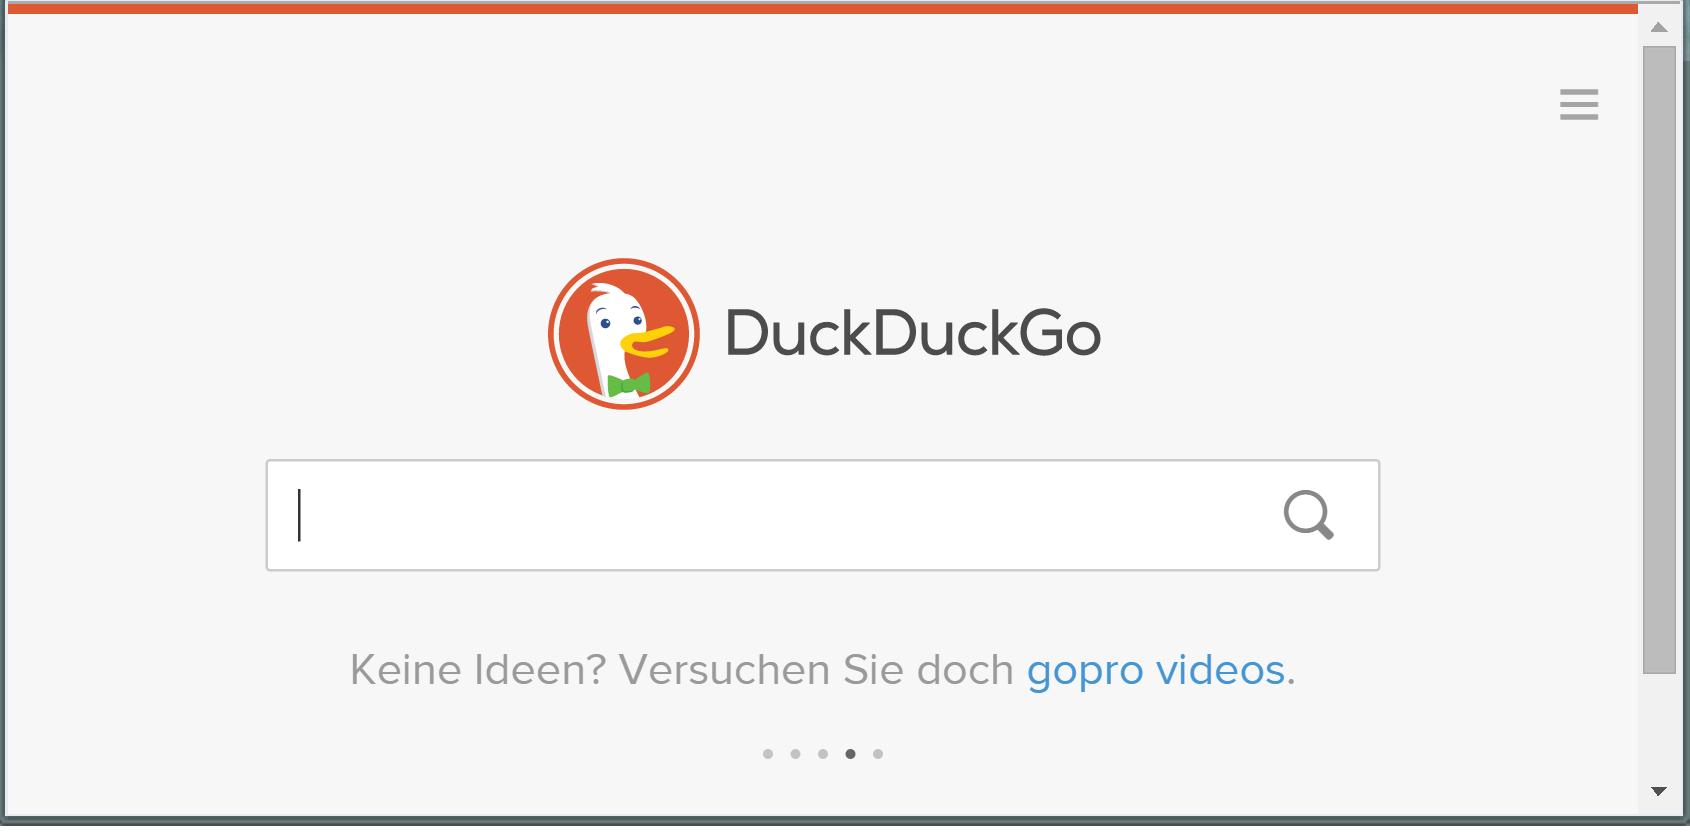 leil.de/di/pics/screenshot_duck_duck_go.png